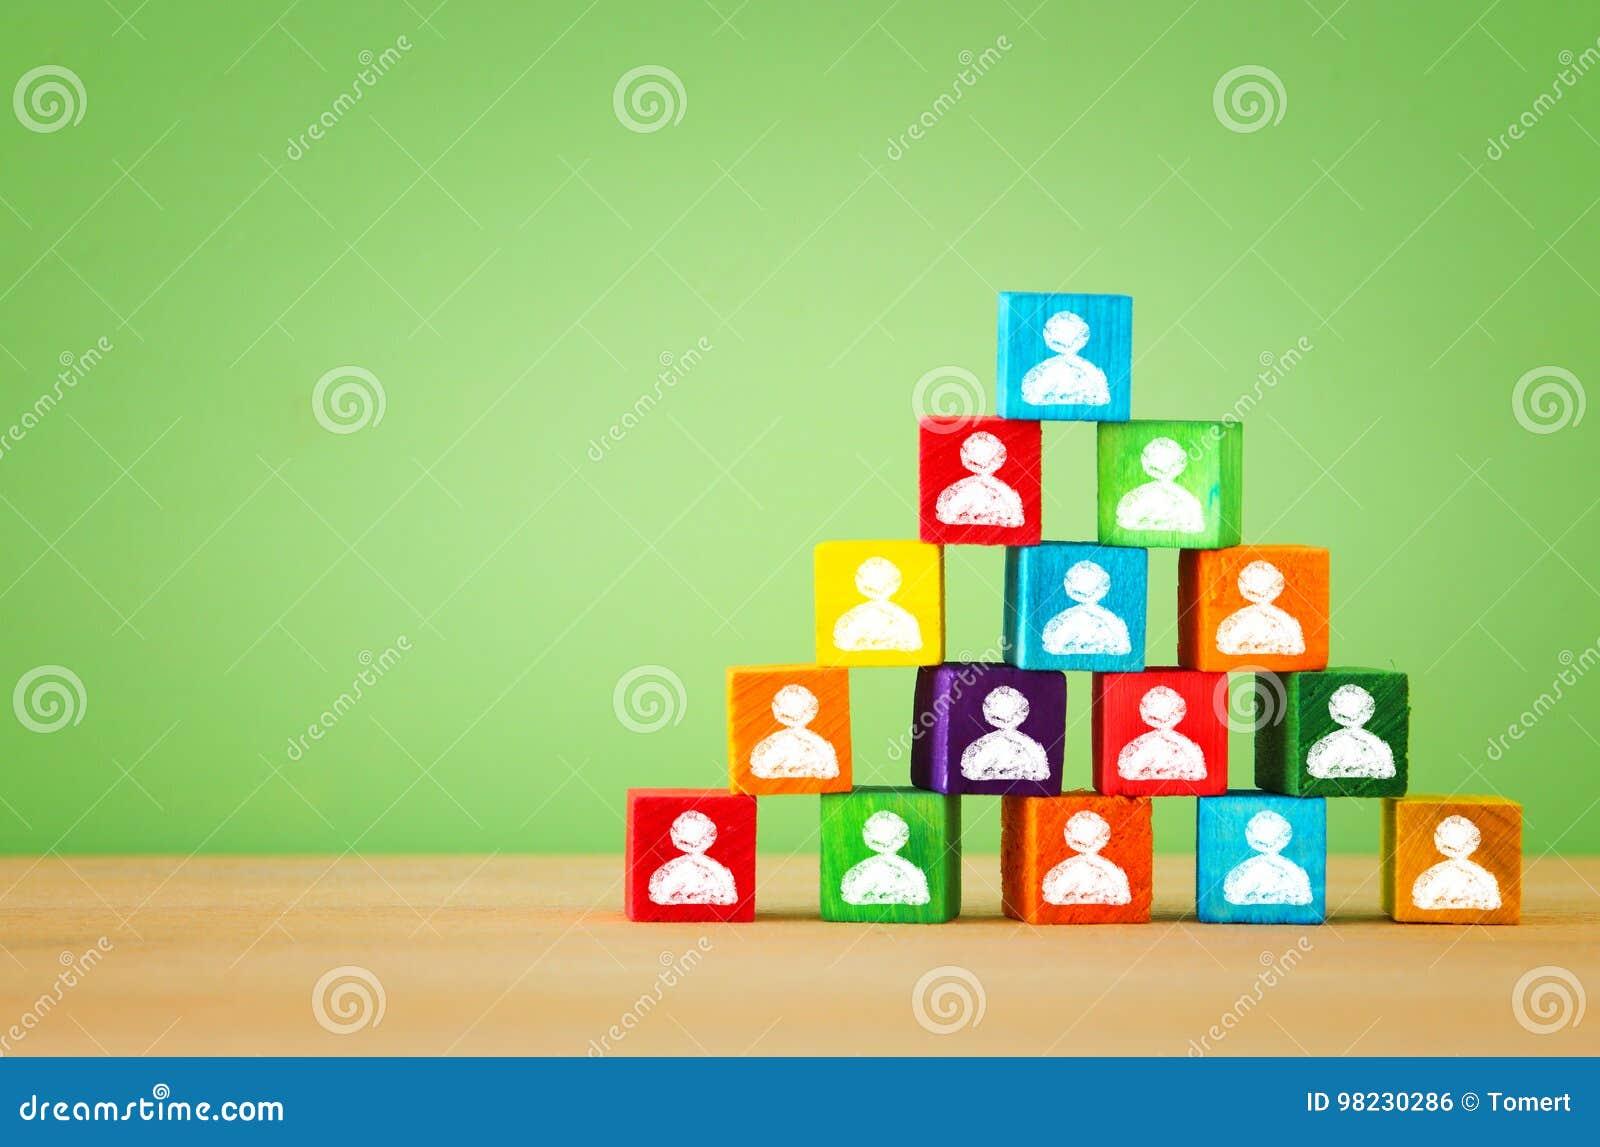 το ξύλο εμποδίζει την πυραμίδα με τα εικονίδια ανθρώπων, τα ανθρώπινα δυναμικά και τη διοικητική έννοια